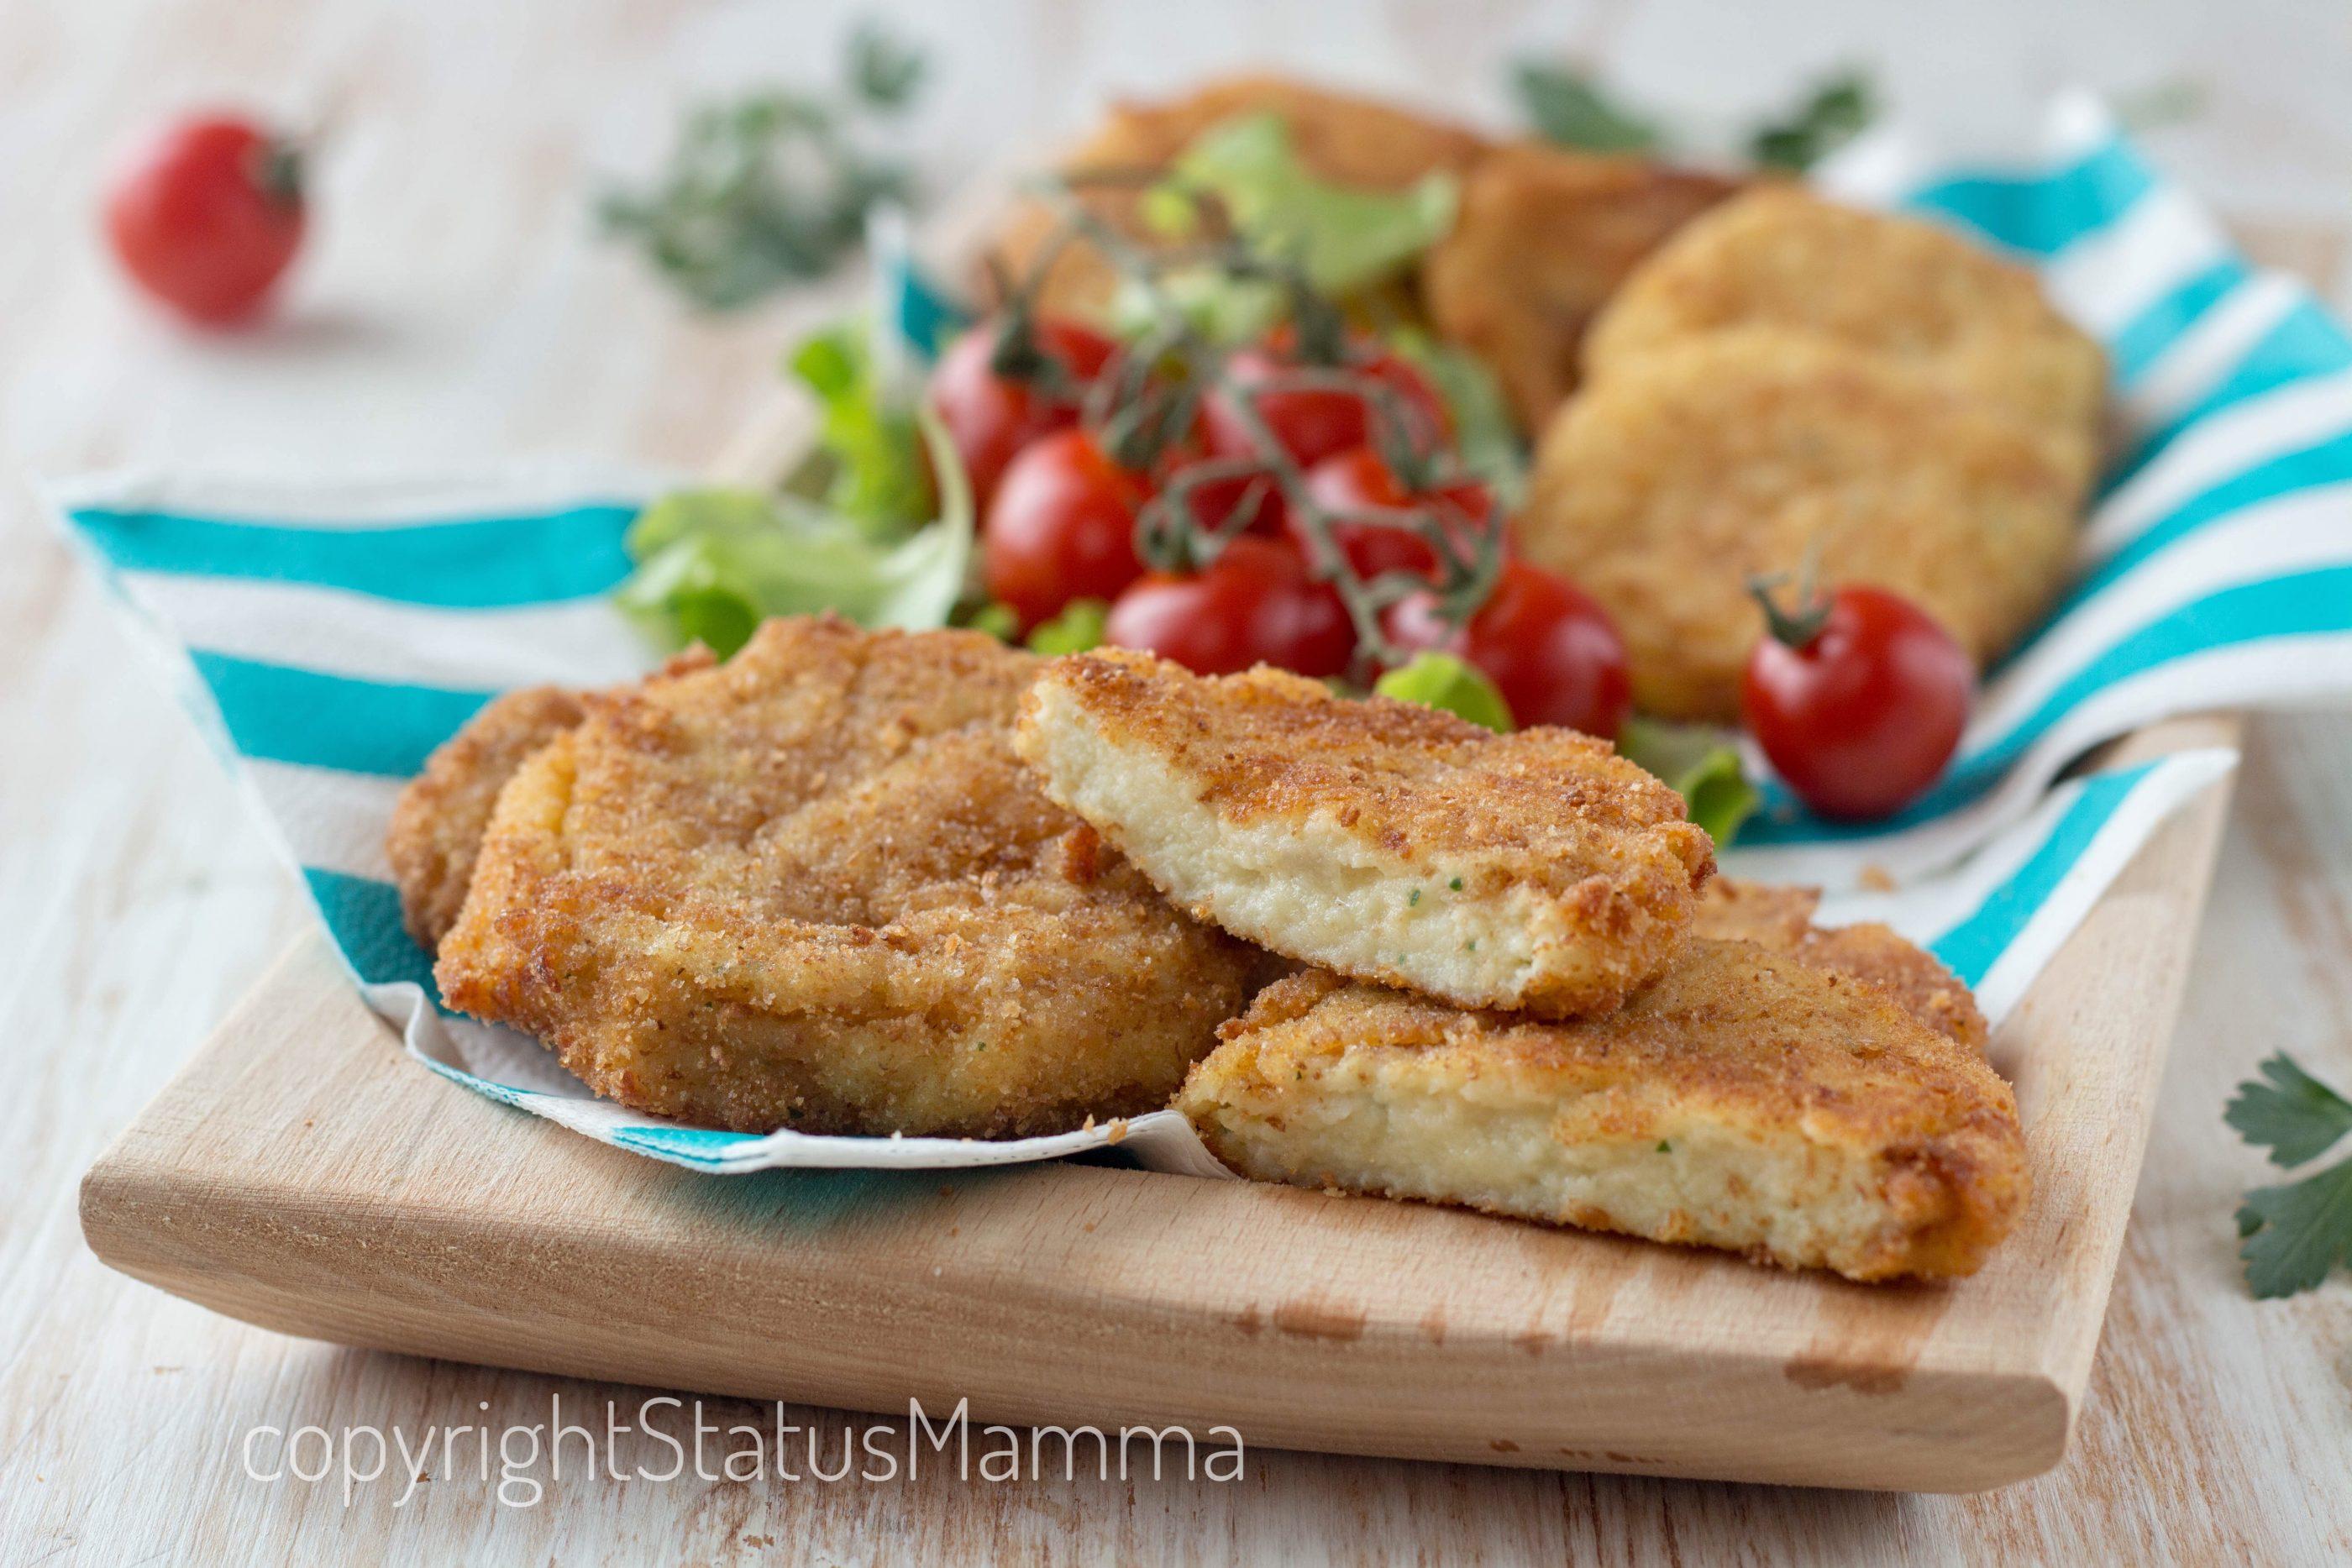 Polpette di filetto di pesce e patate ricetta bambini food photo photograpy statusmamma giallo blog bastoncini pesce